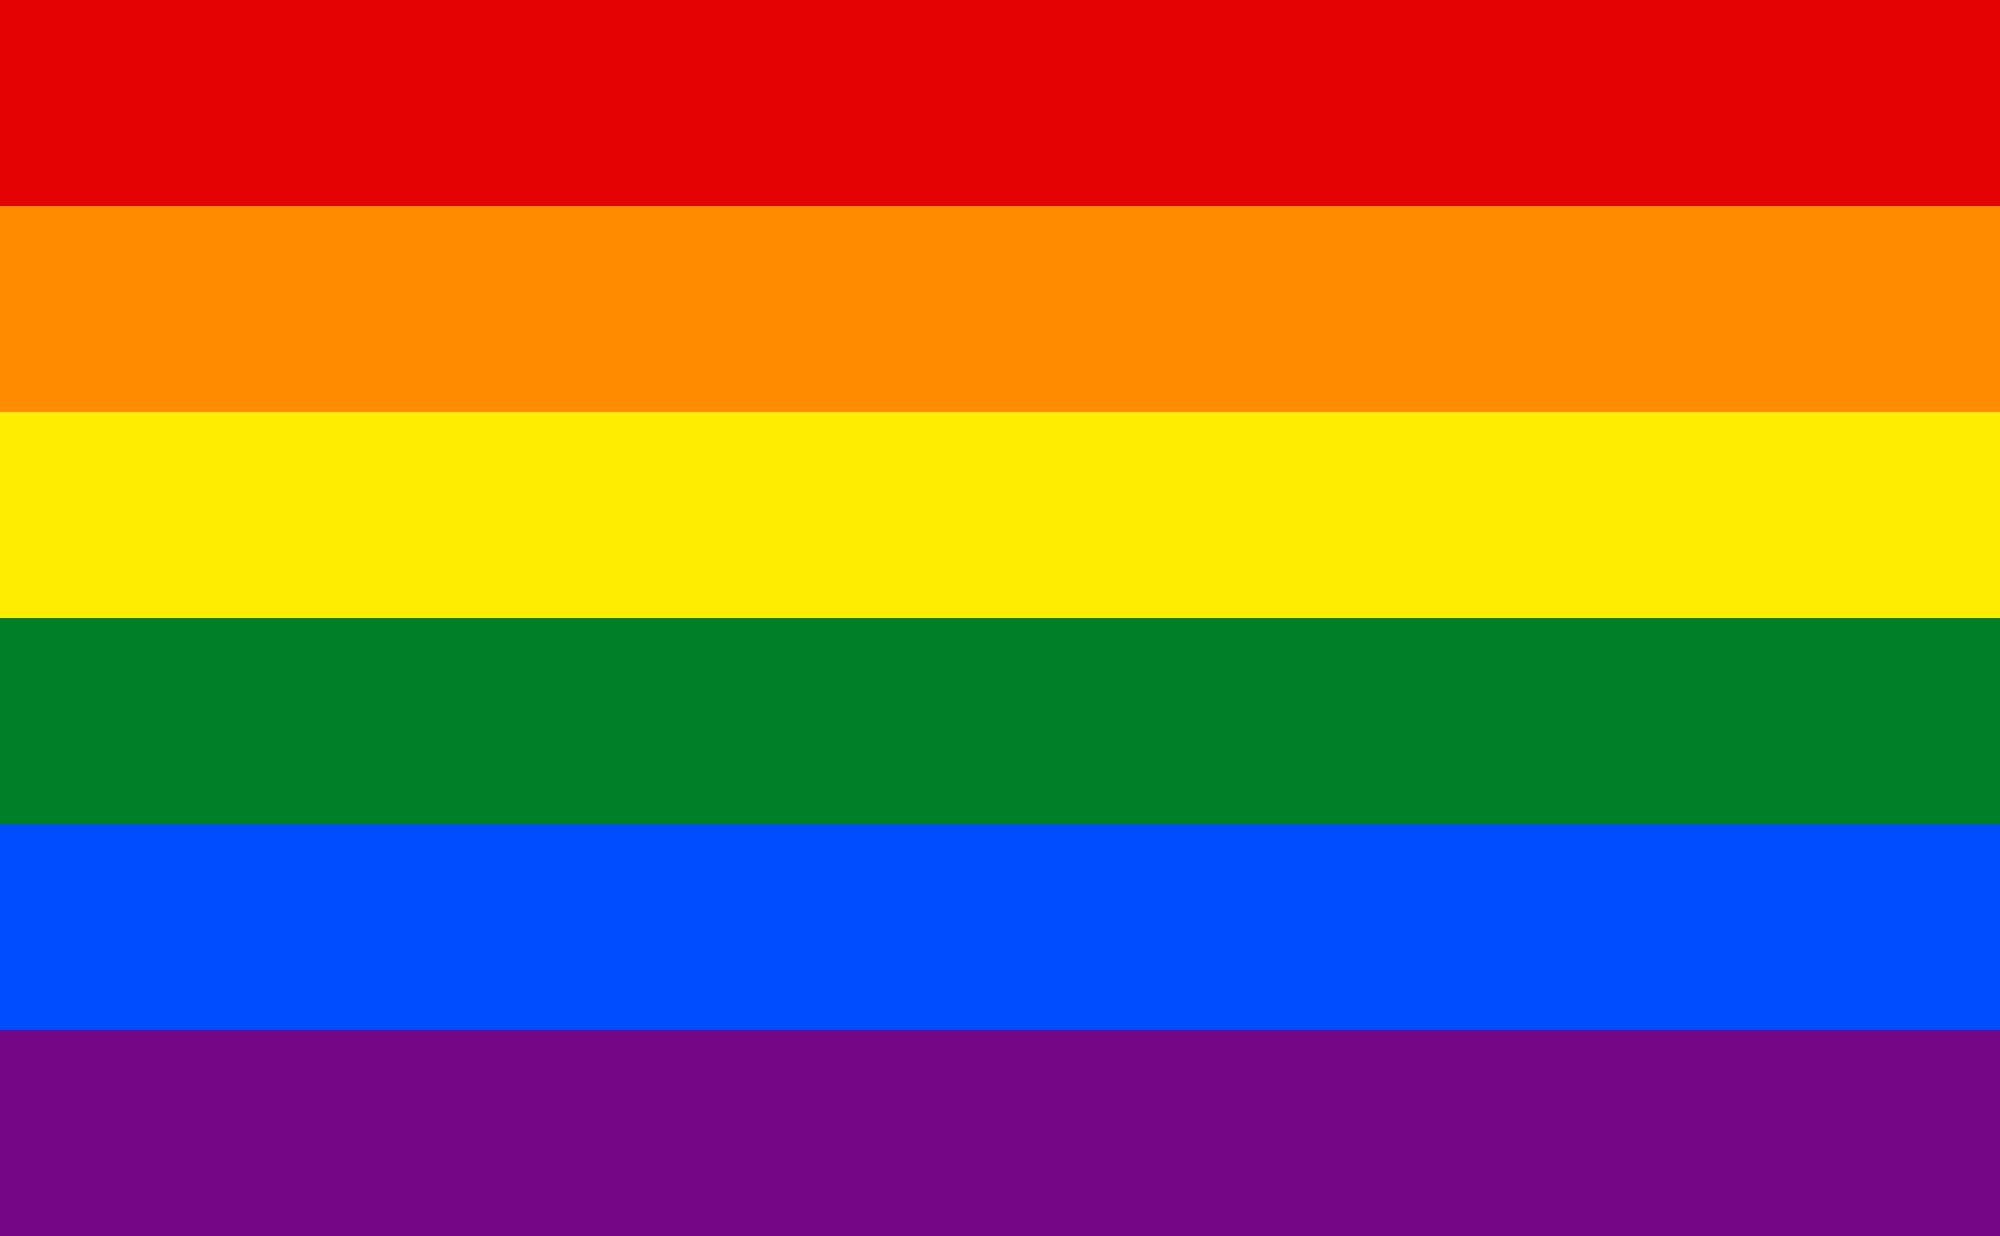 الأدب المثلي: الخروج من الخزانة، نصا نصا